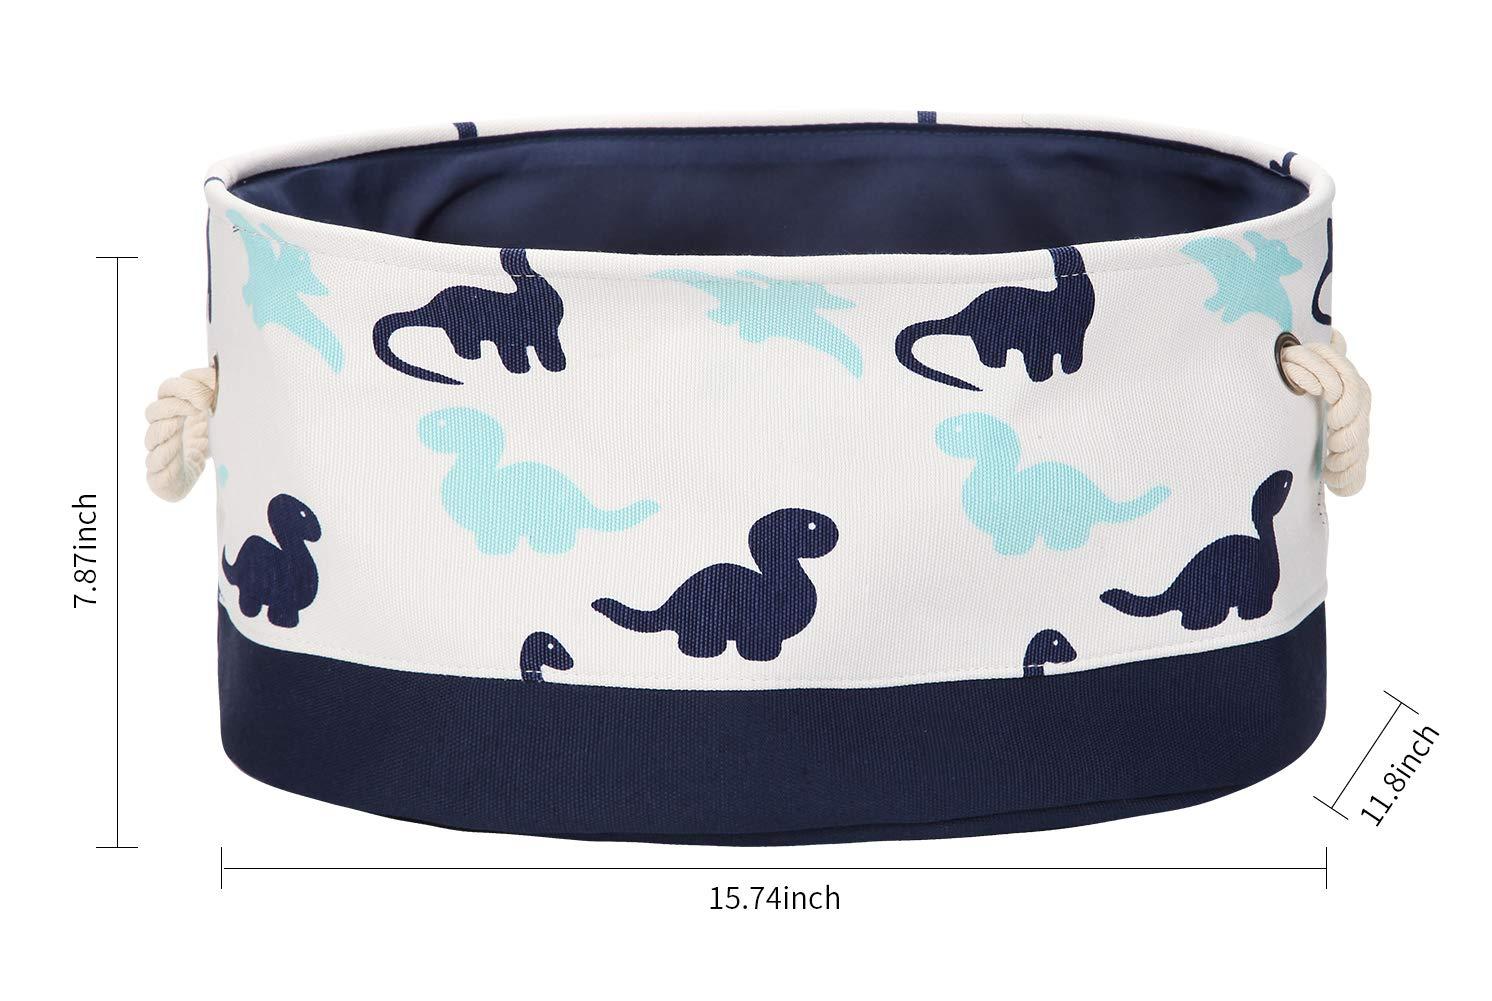 valen 9.4-Inches Oval Storage Bin, Cotton & Linen Fabric Storage Baskets with Handles, Toy Storage Bin,4 Styles (Dinosaur)